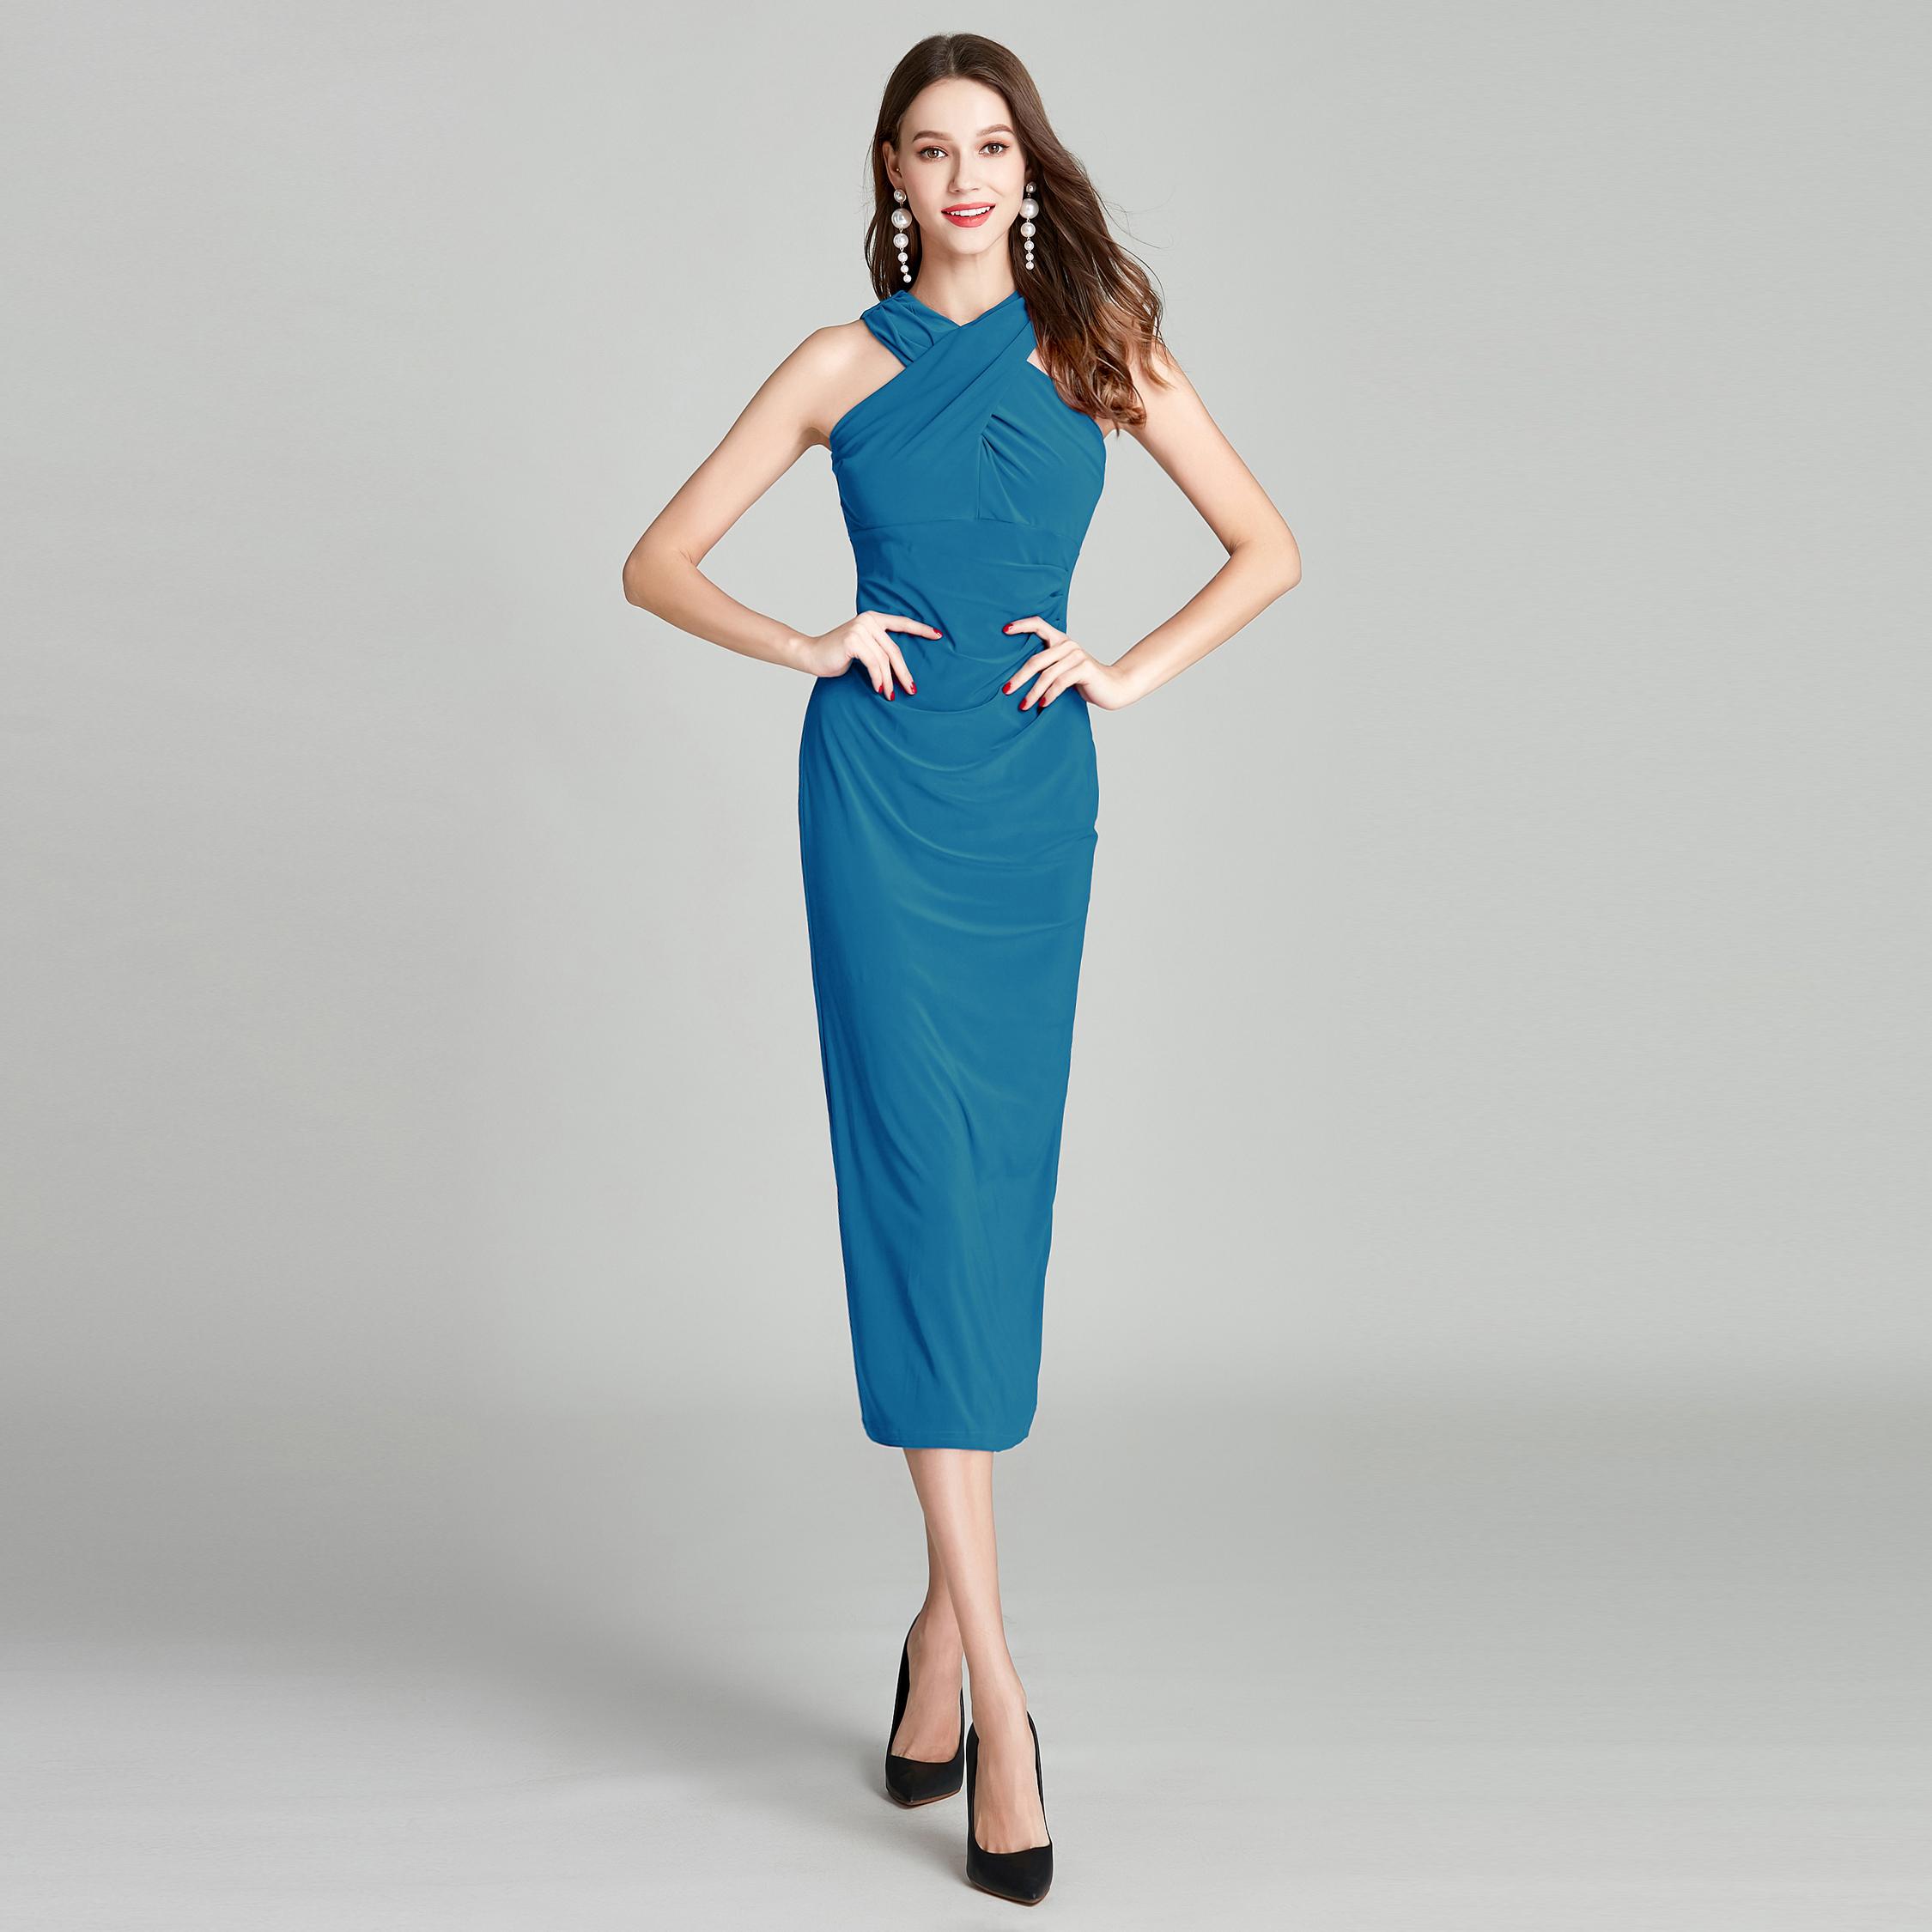 RL欧美设计感交叉镂空露肩修身显瘦开叉晚装礼服连衣裙大码 C746